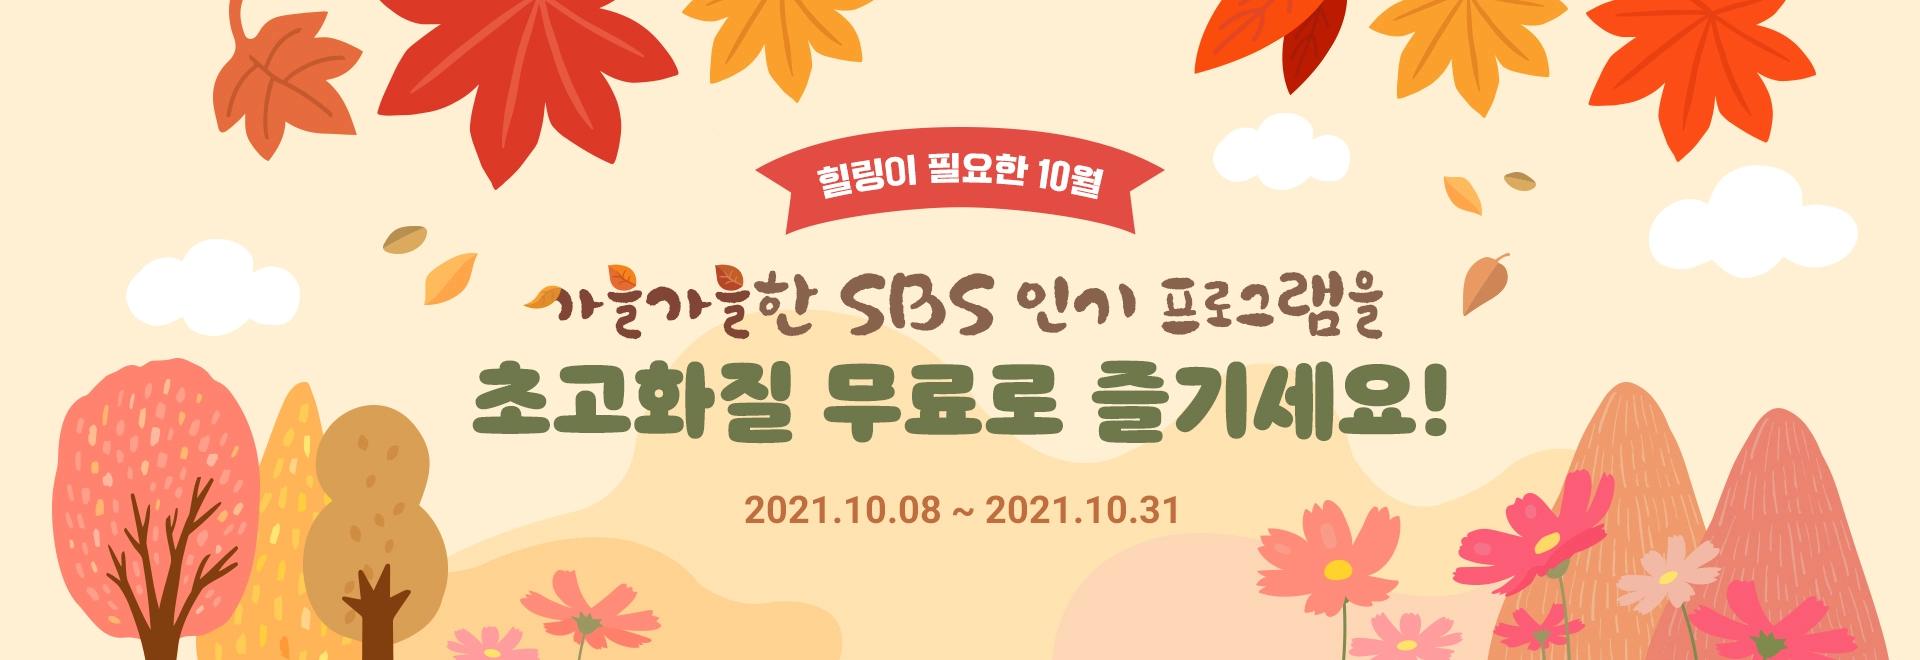 힐링이 필요한 10월, 가을가을한 SBS 인기 프로그램을 초고화질 무료로 즐기세요!, 2021.10.08 ~ 2021.10.31